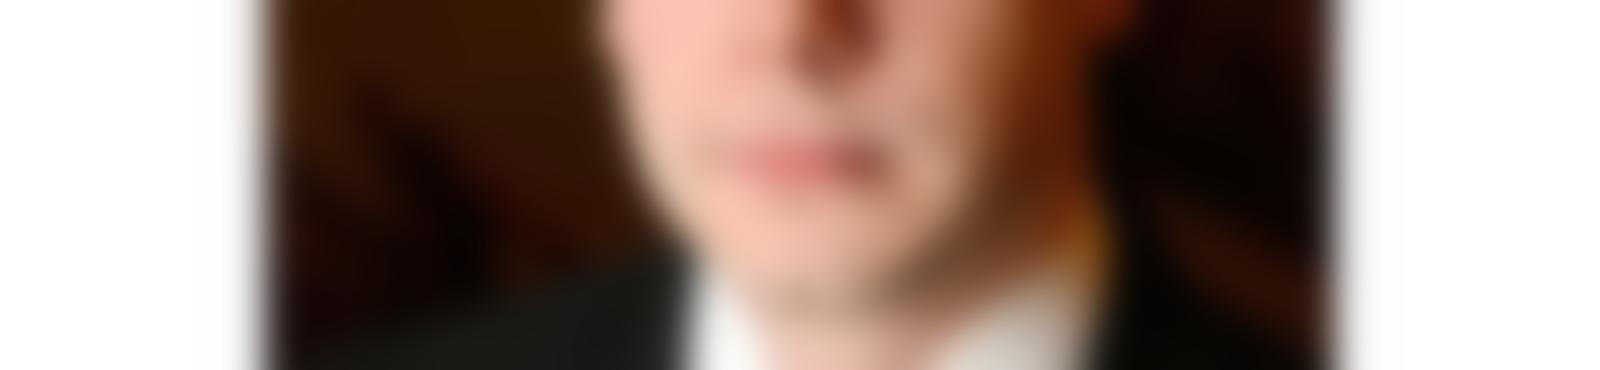 Blurred 61d8660a 9921 4e1c 9d32 3a70adcd2f0a